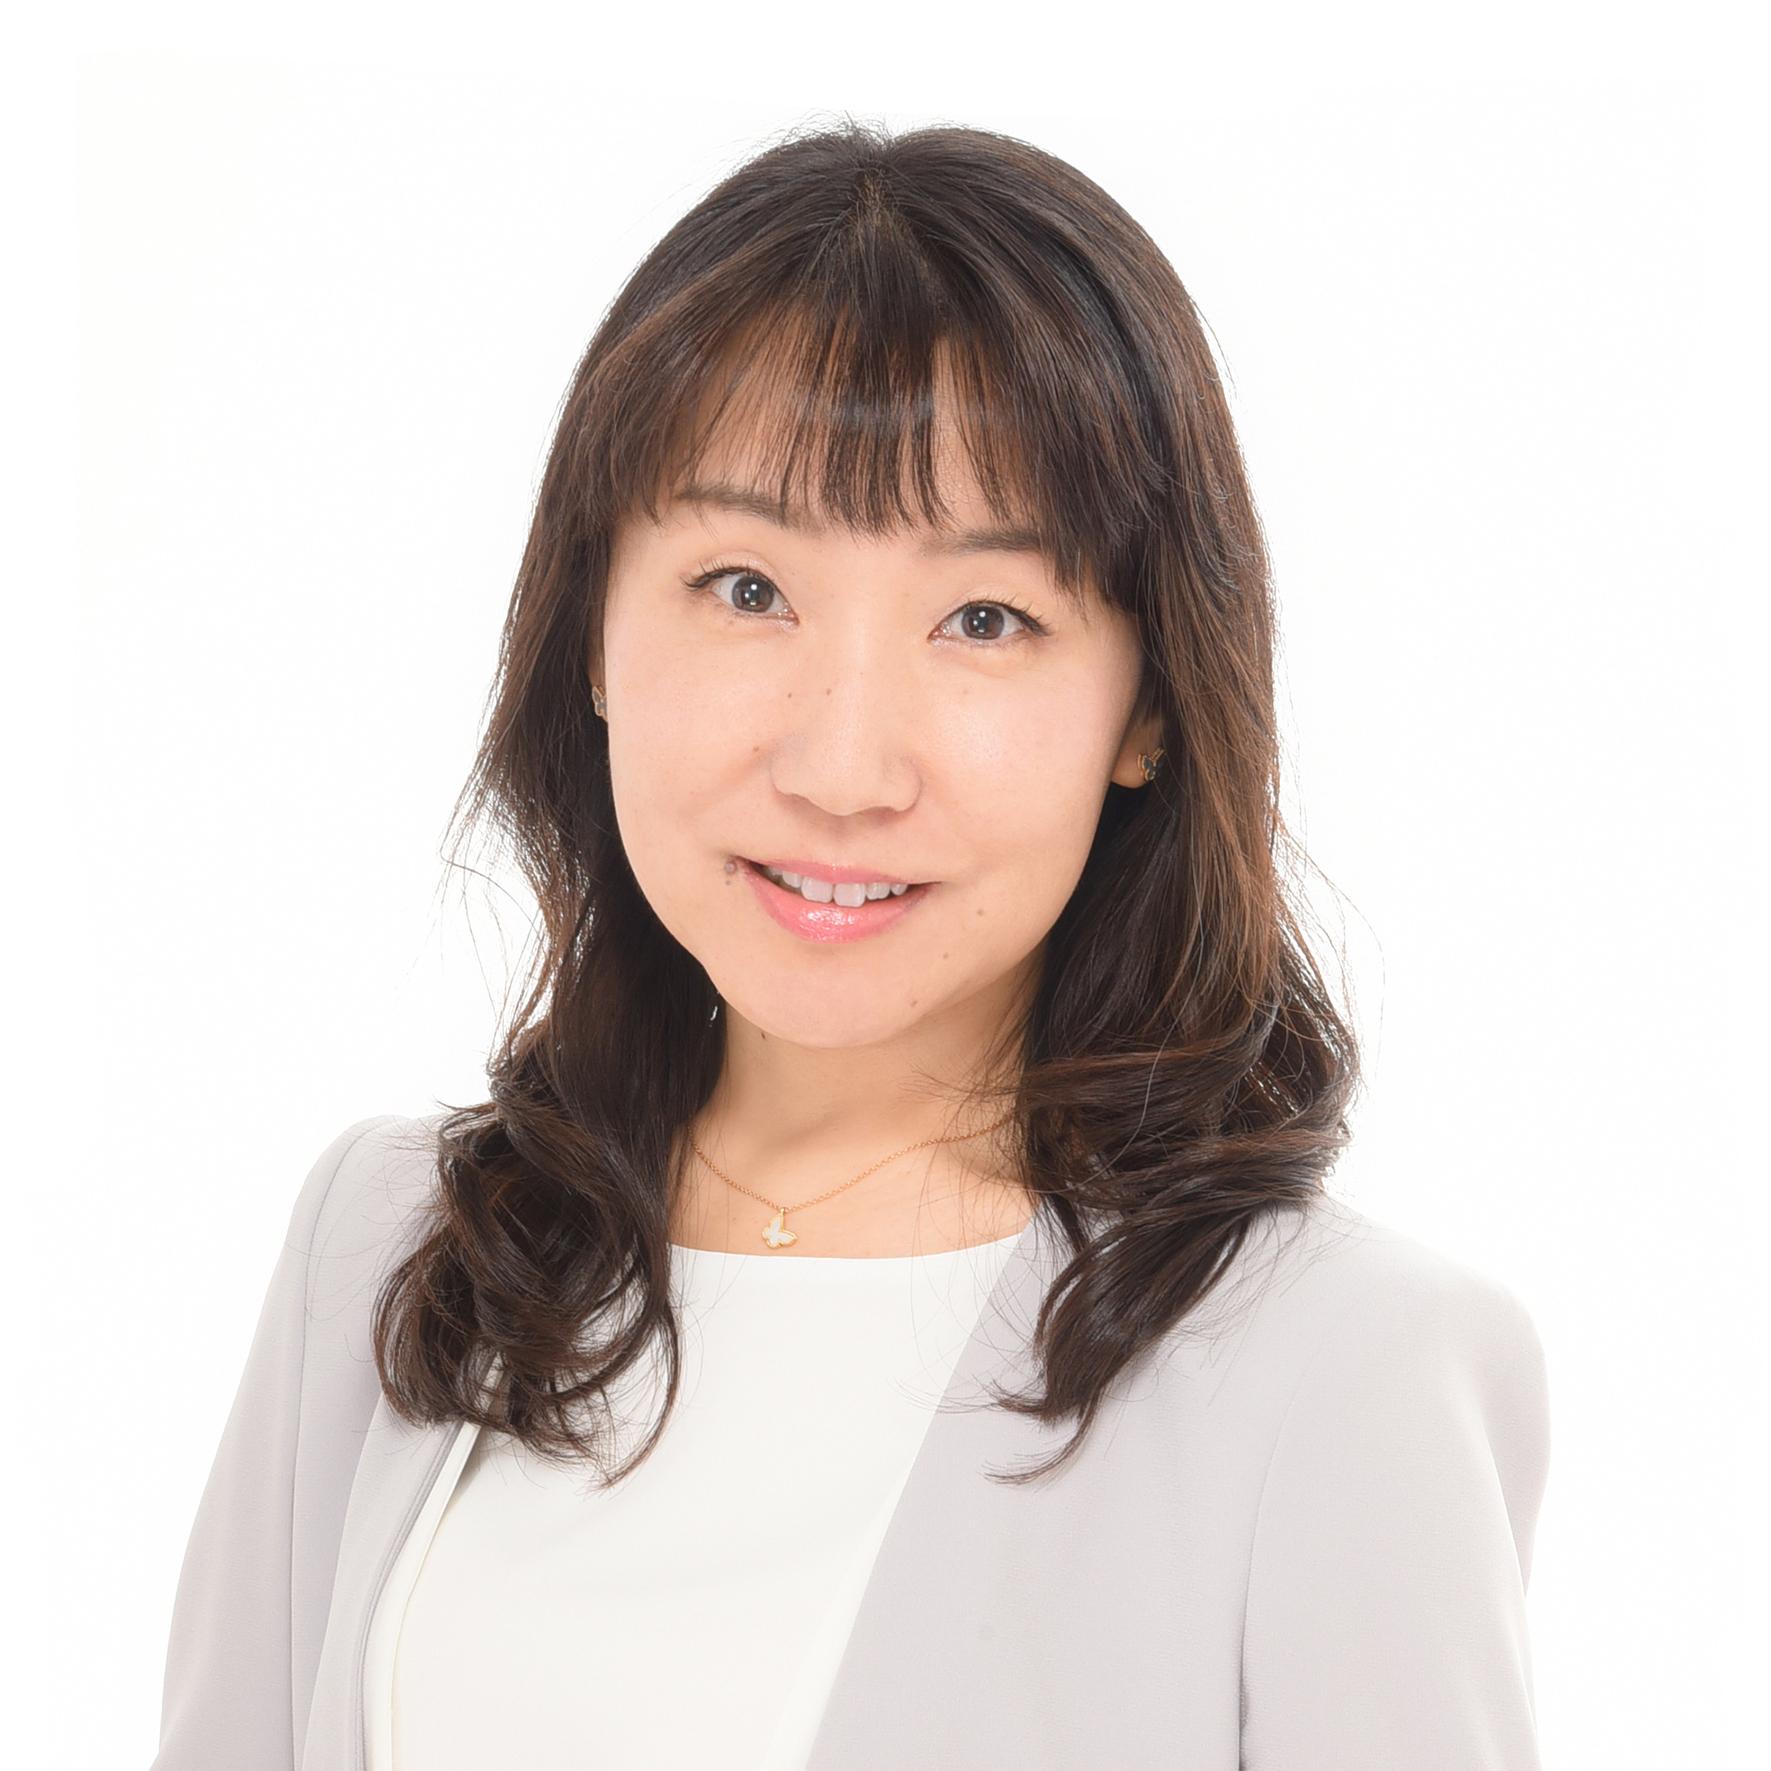 ASIMOV ROBOTICS株式会社 代表取締役CEO 藤森恵子